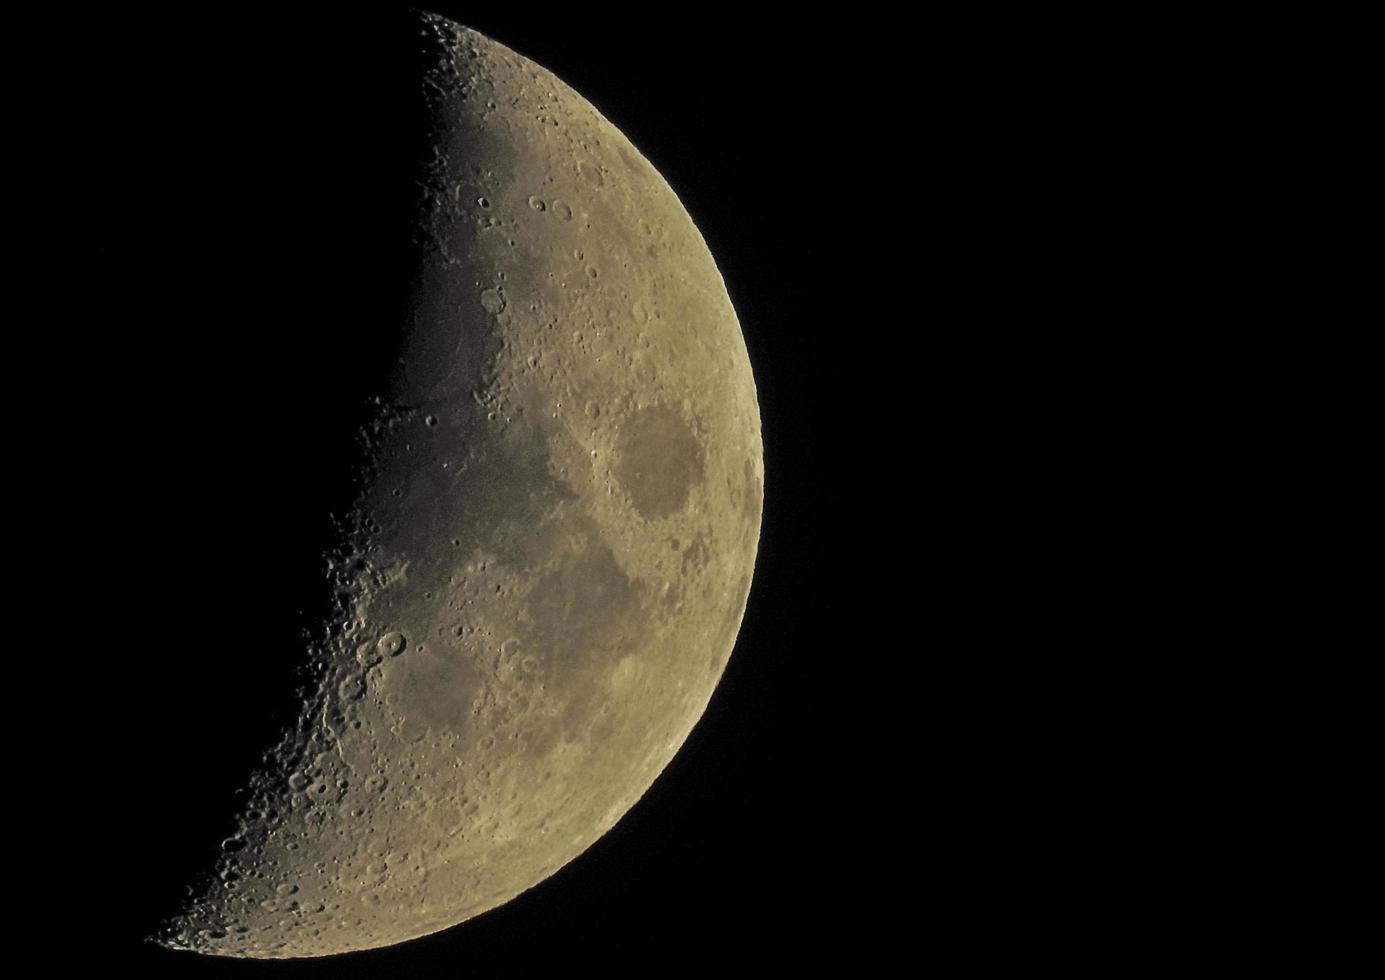 Half moon on black sky photo